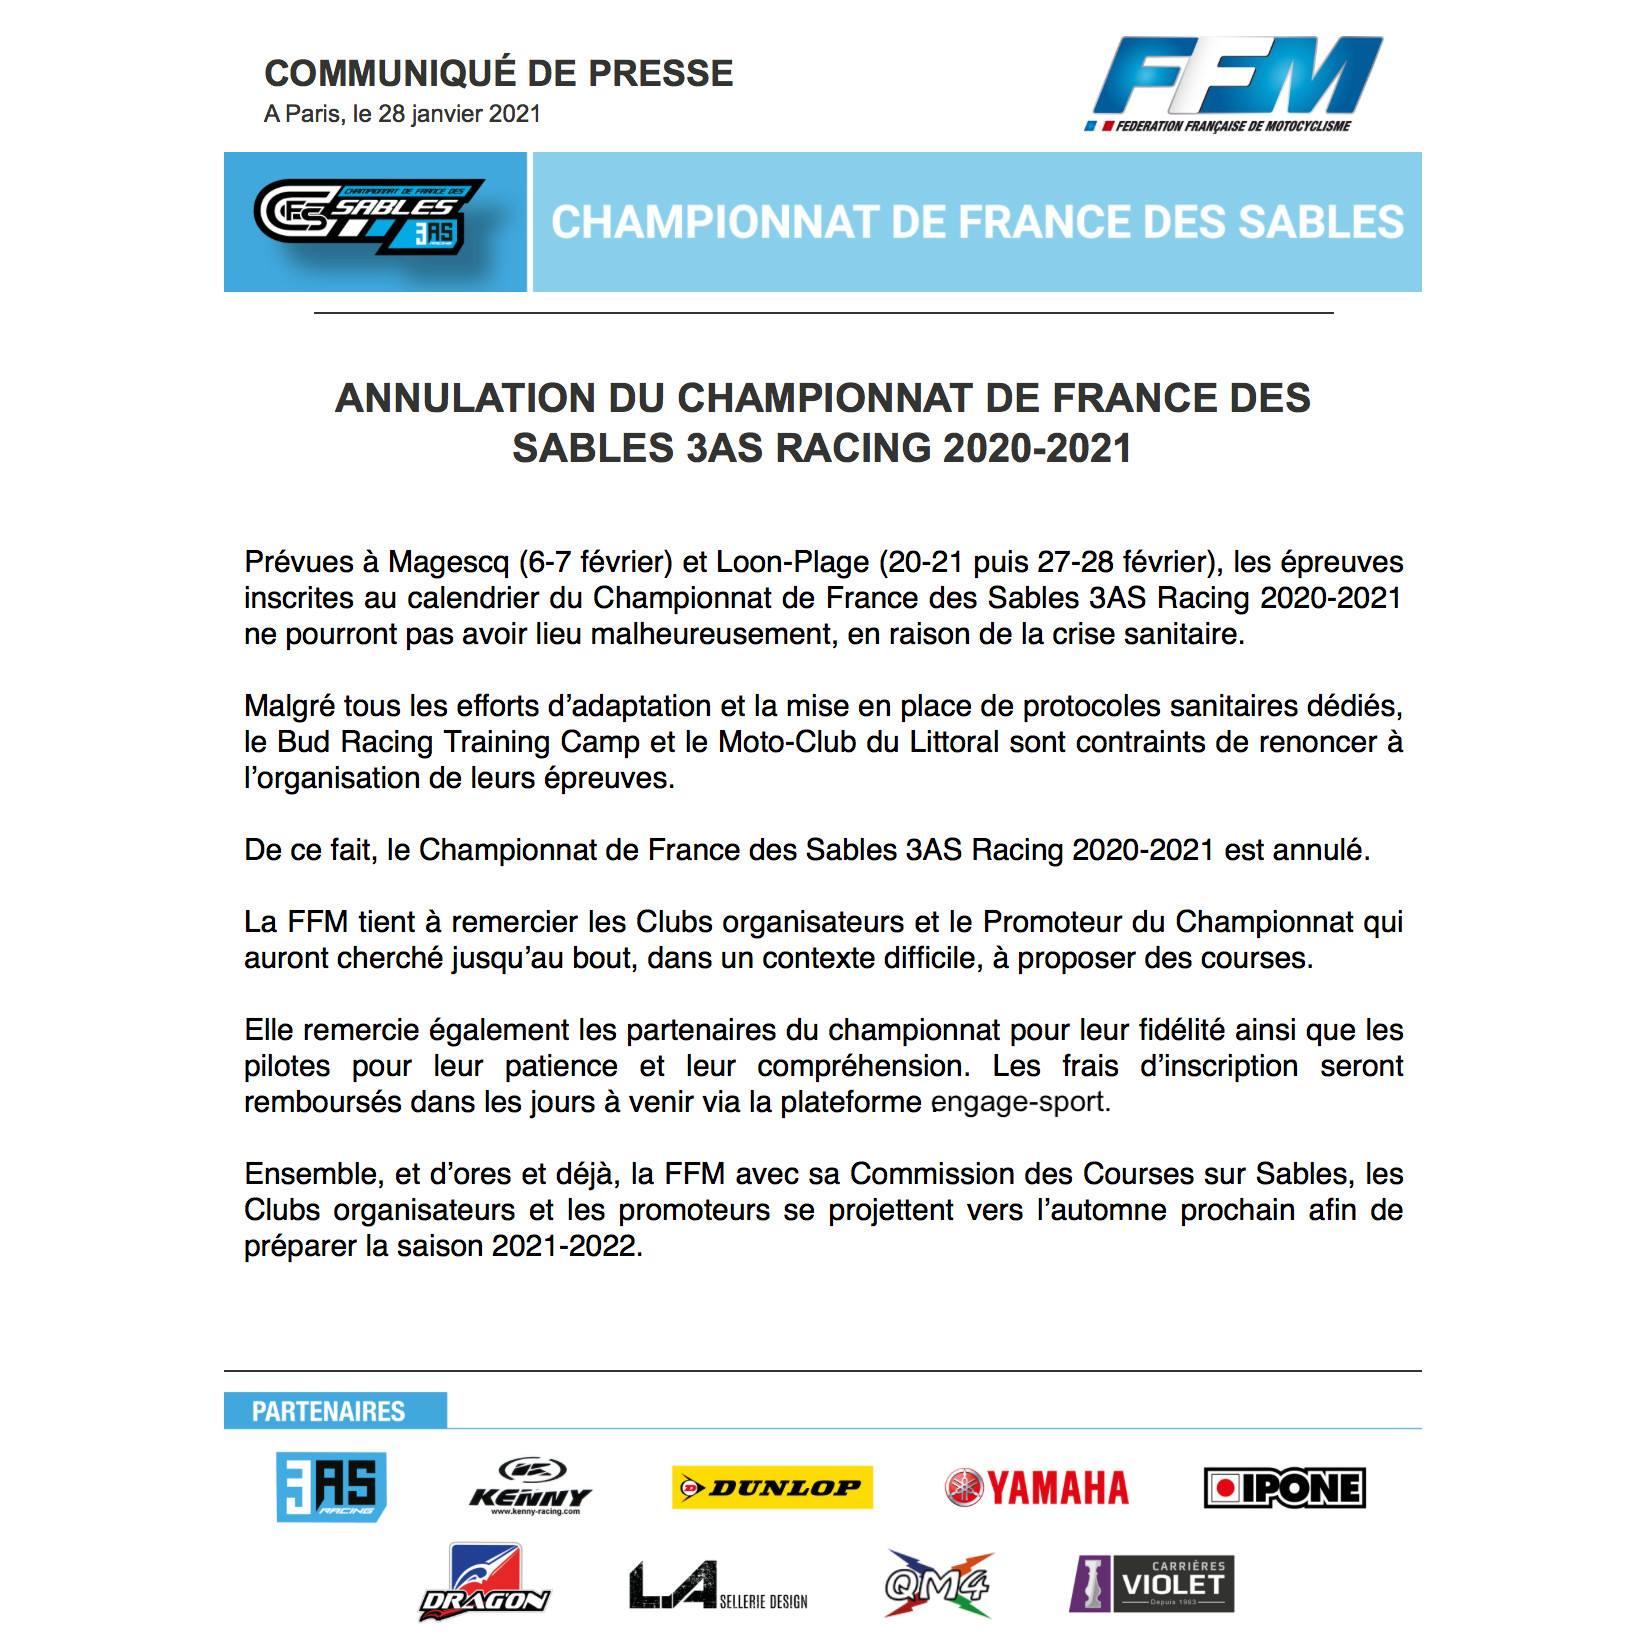 Championnat de France des sables 3AS racing a été annulé